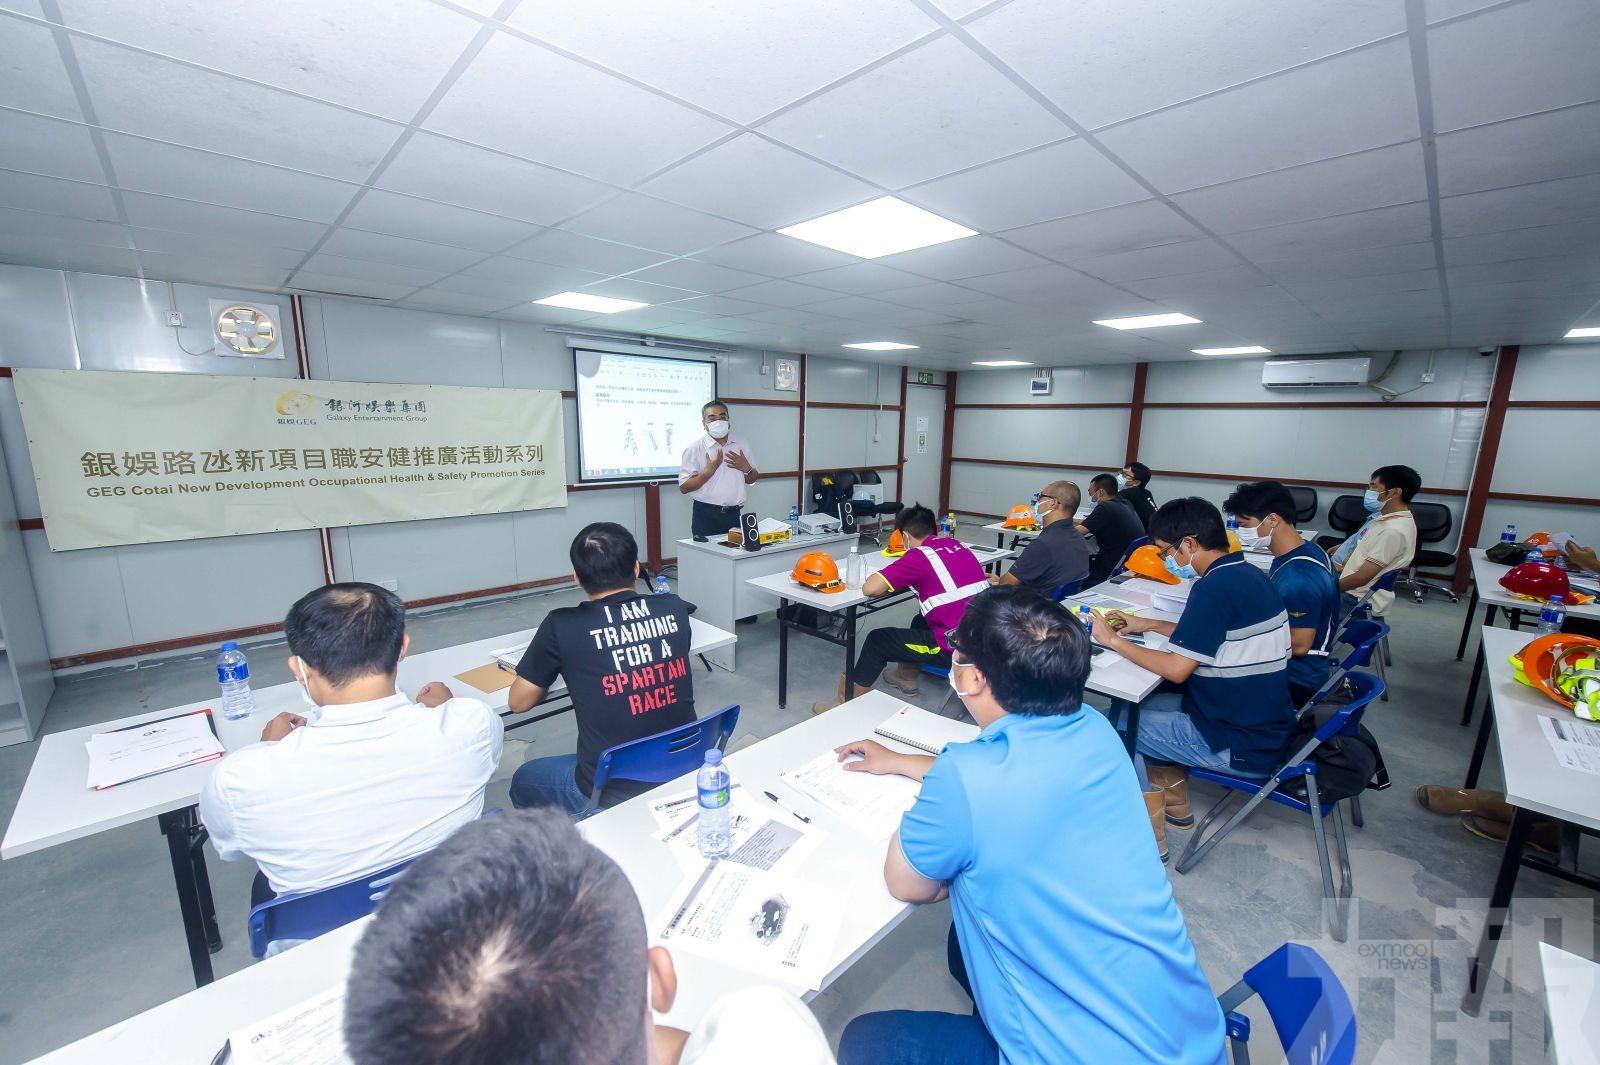 銀娛邀生產力中心主講 「職安健培訓技巧」課程